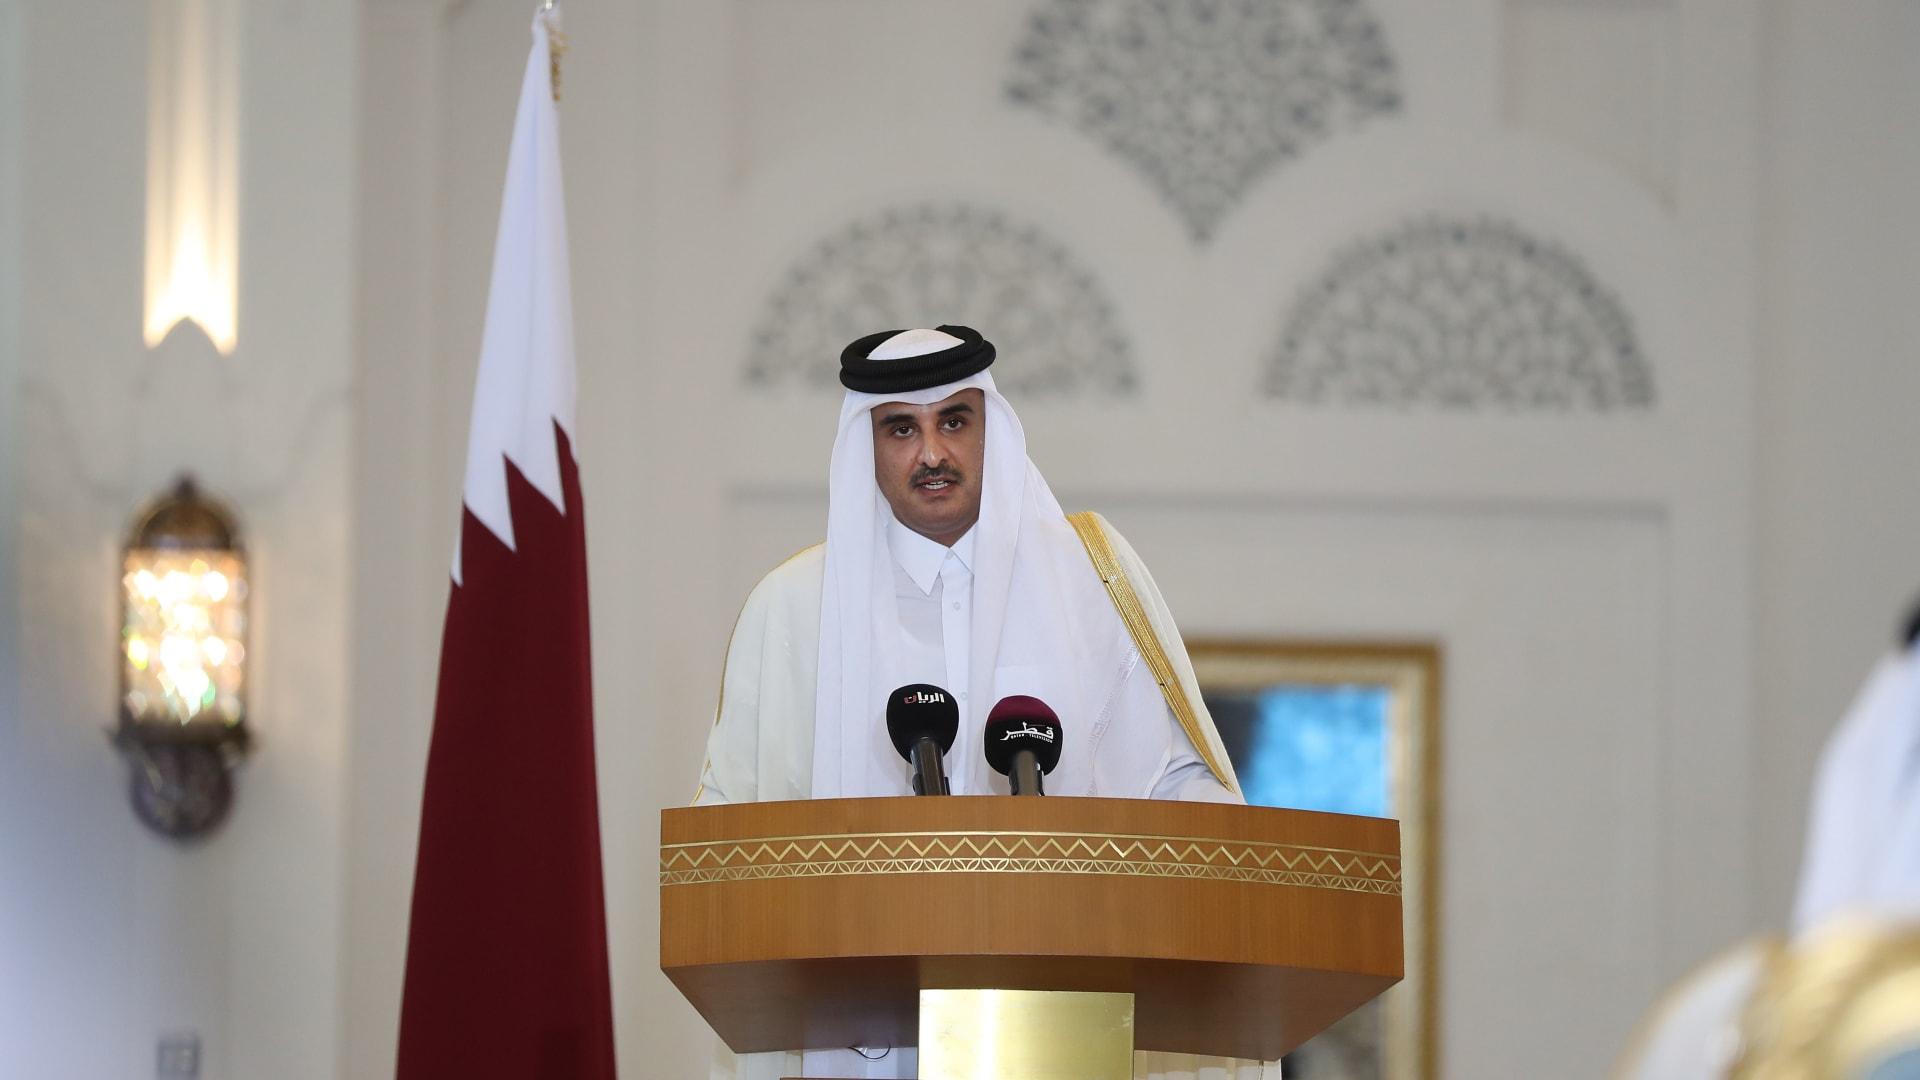 ترامب لأمير قطر: نتطلع لاجتماعاتنا لسنوات مقبلة وسنحل أزمة الخليج